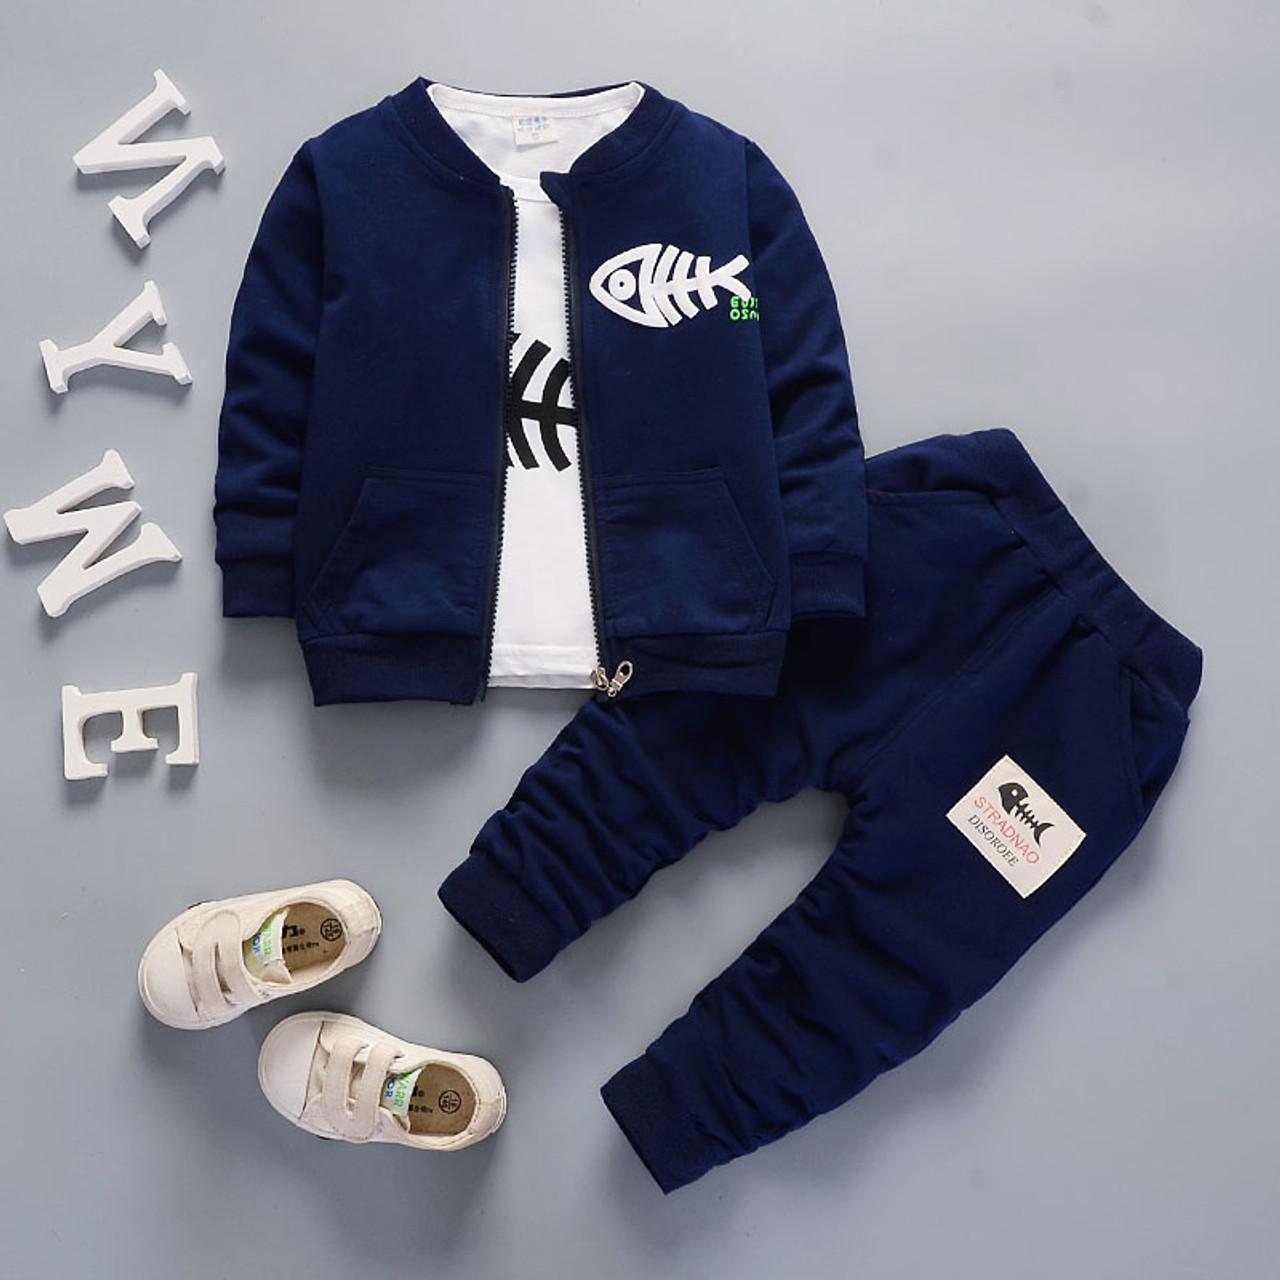 9269d6d37 Bibicola baby boys clothing set toddler bebe coat jacket+ T shirt+pants 3  pcs newborn sport suit infant boys clothes set - OnshopDeals.Com